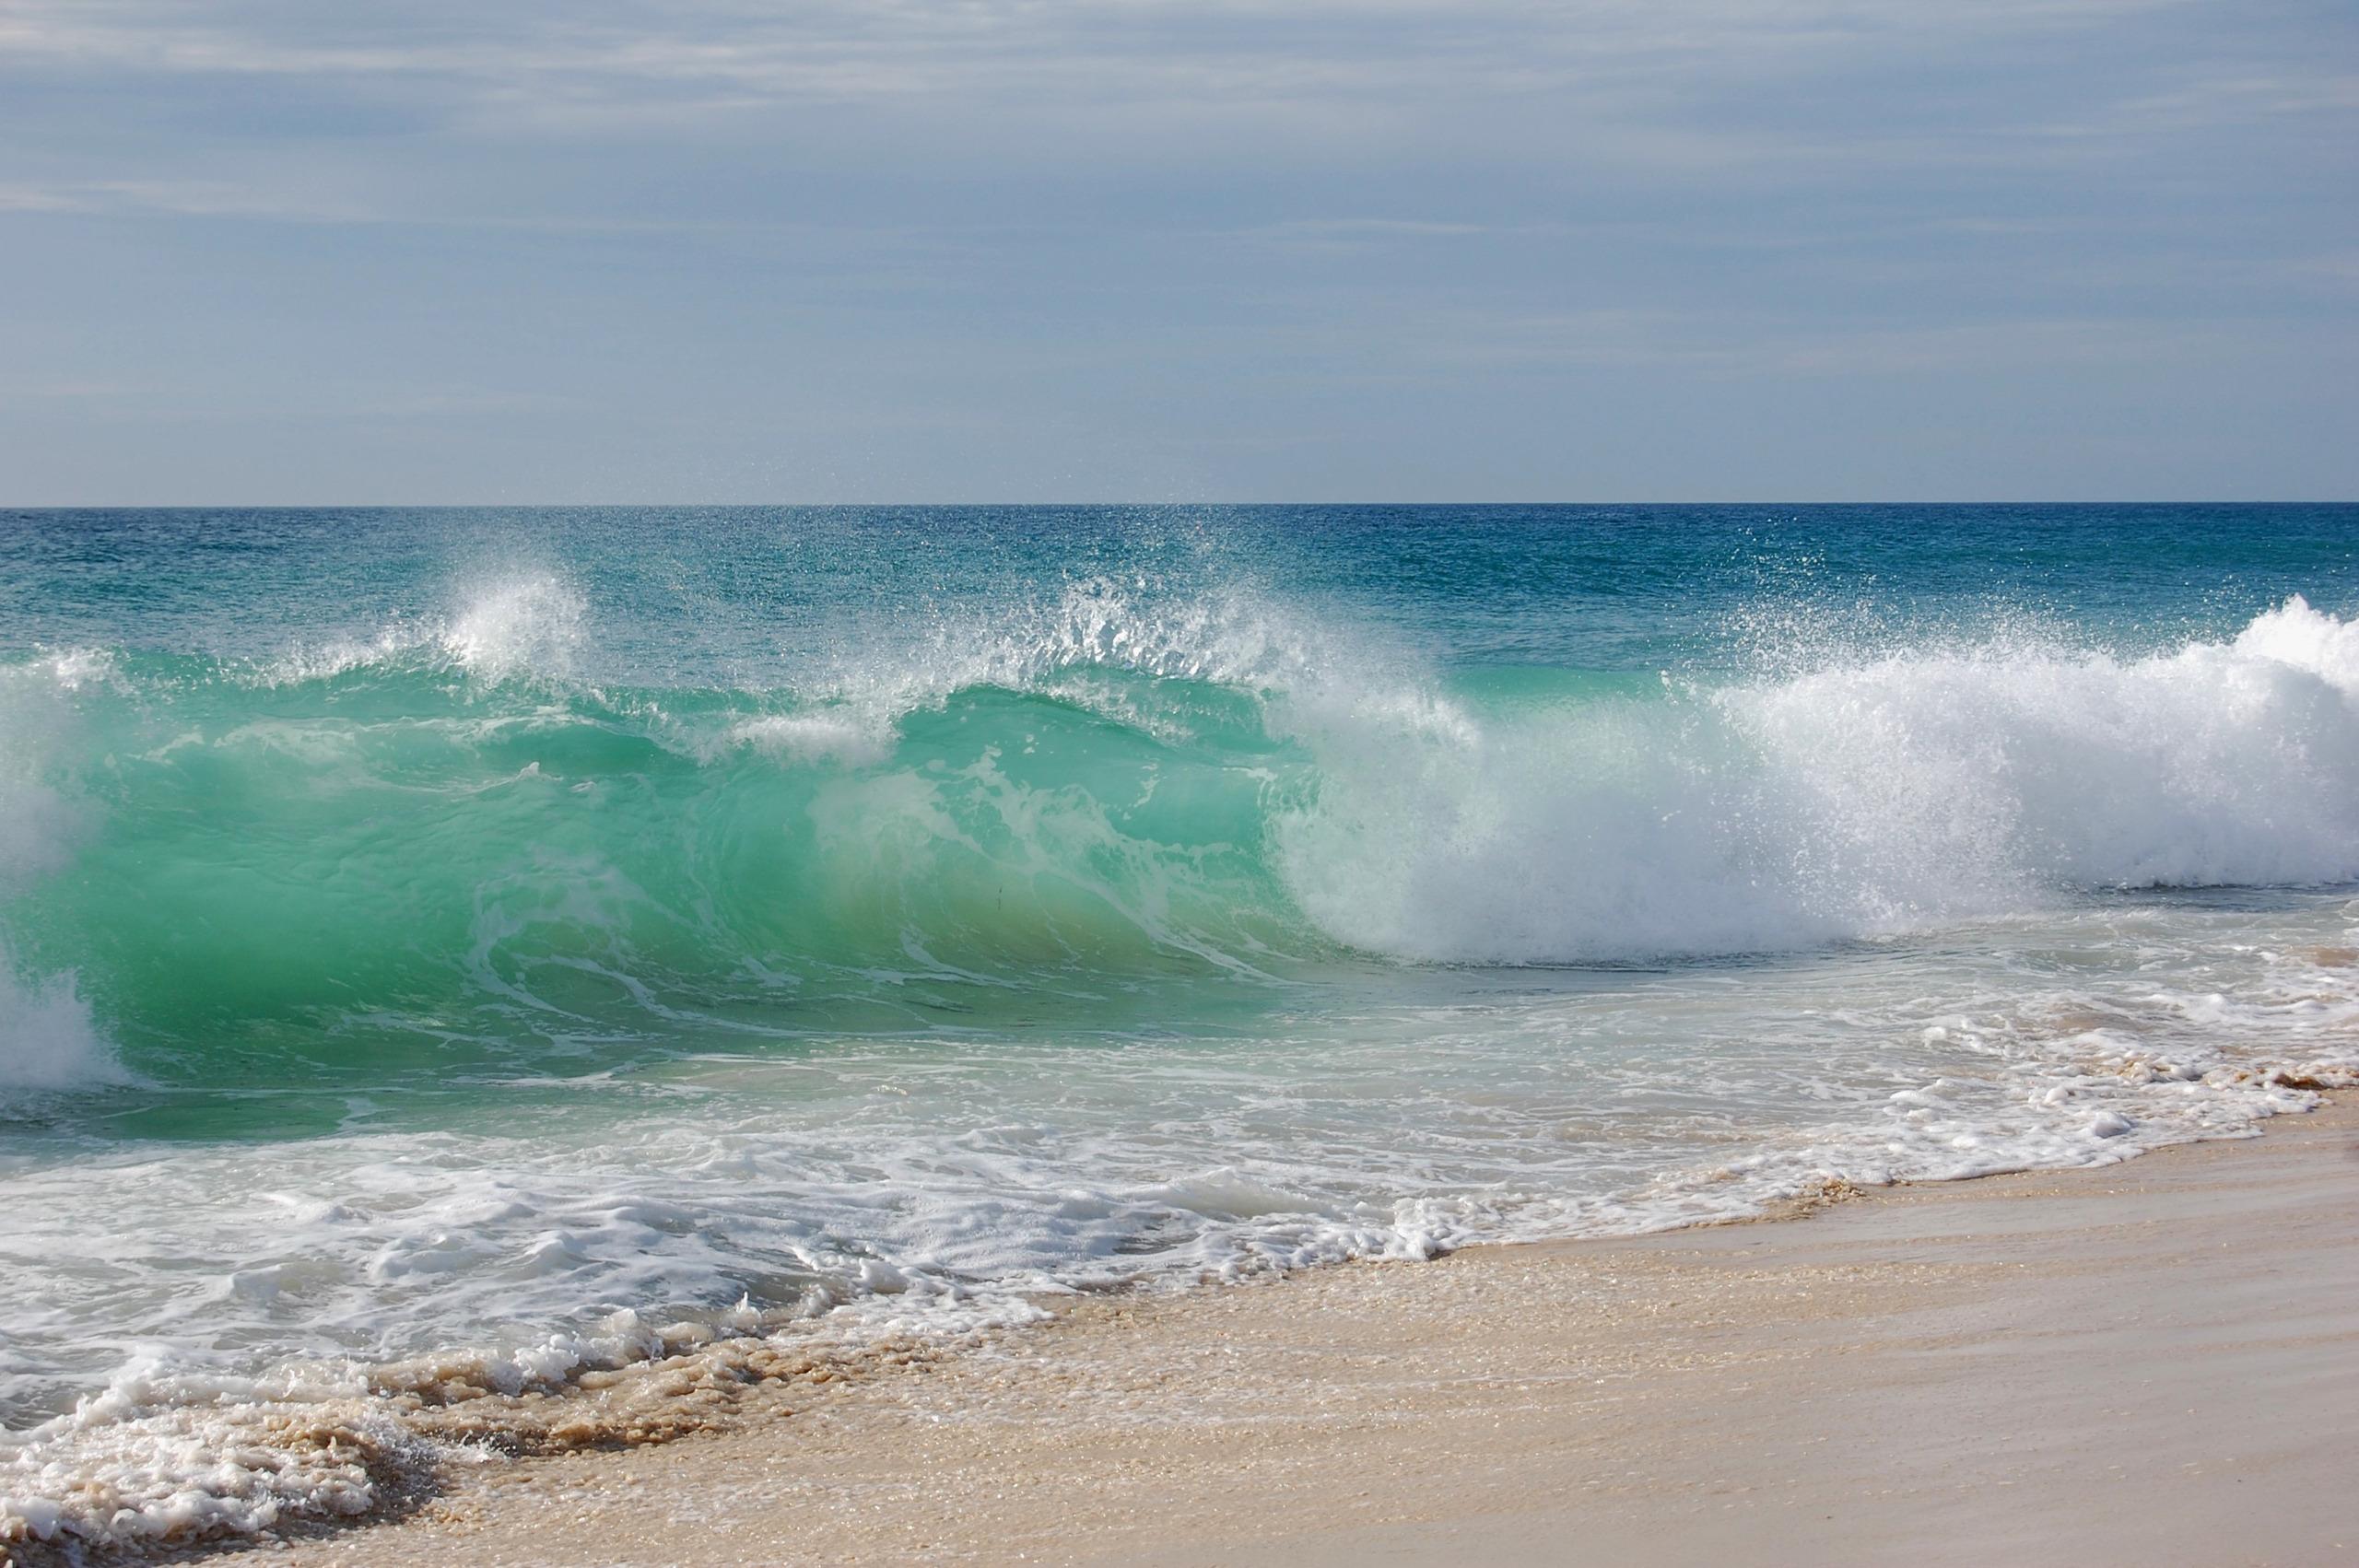 берег море вода shore sea water бесплатно